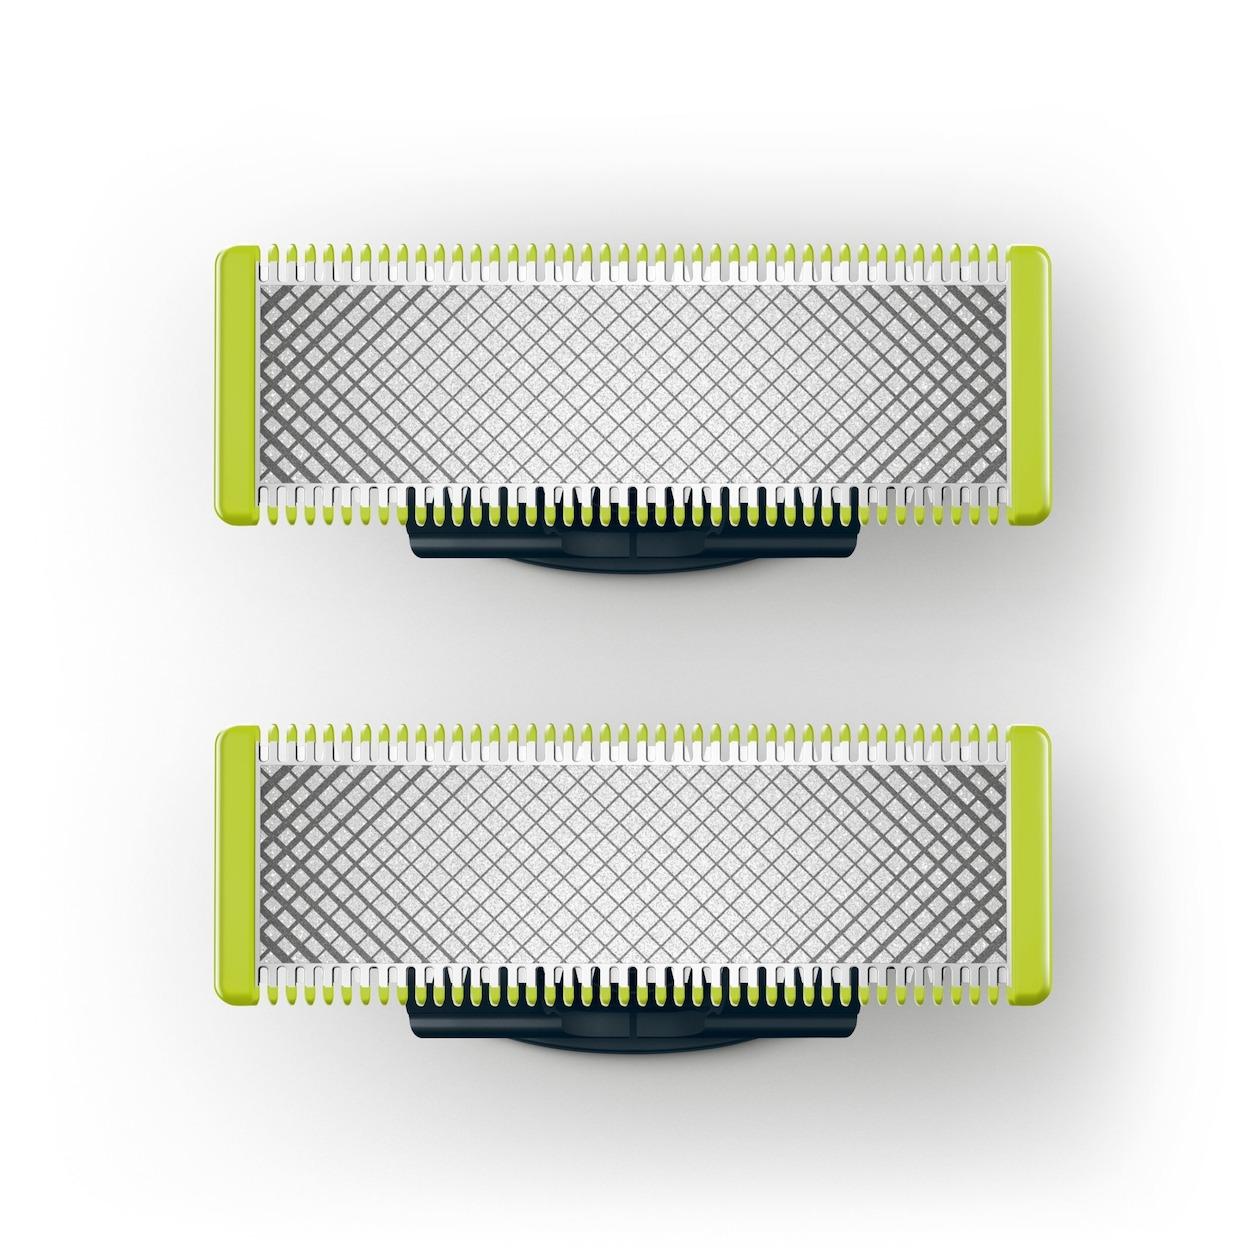 Philips scheerhoofden QP220/55 zwart/groen